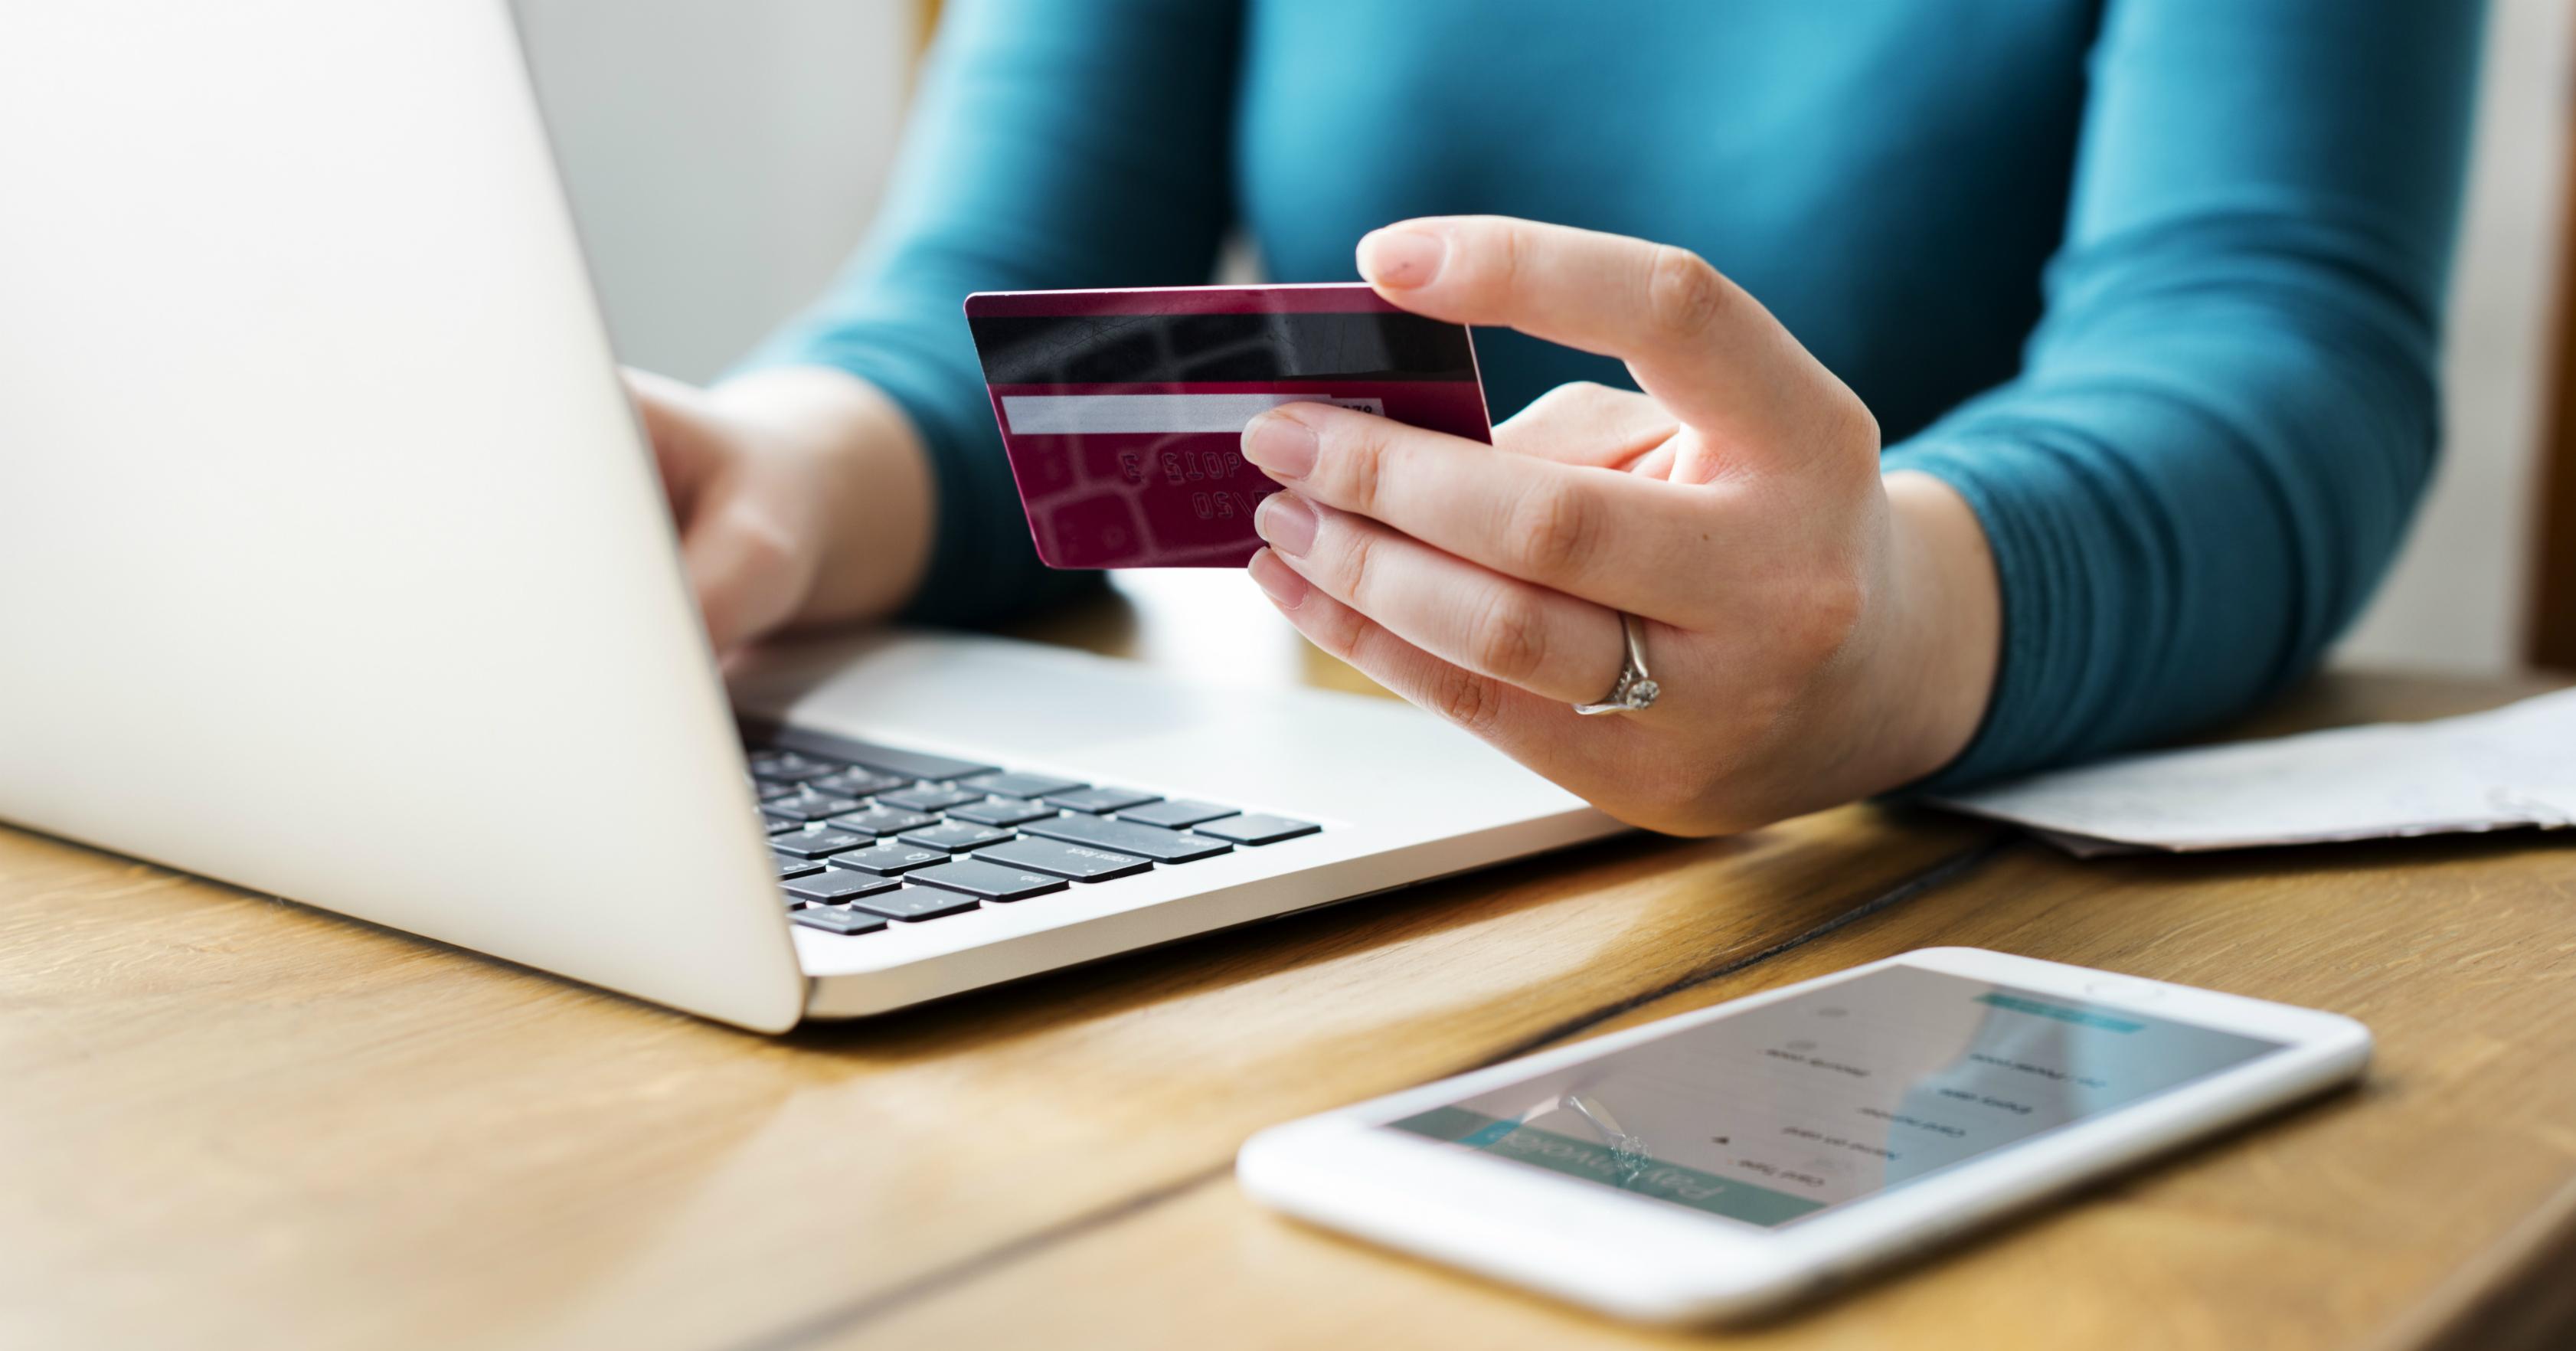 Veja como funcionam as novas regras do rotativo do cartão de crédito